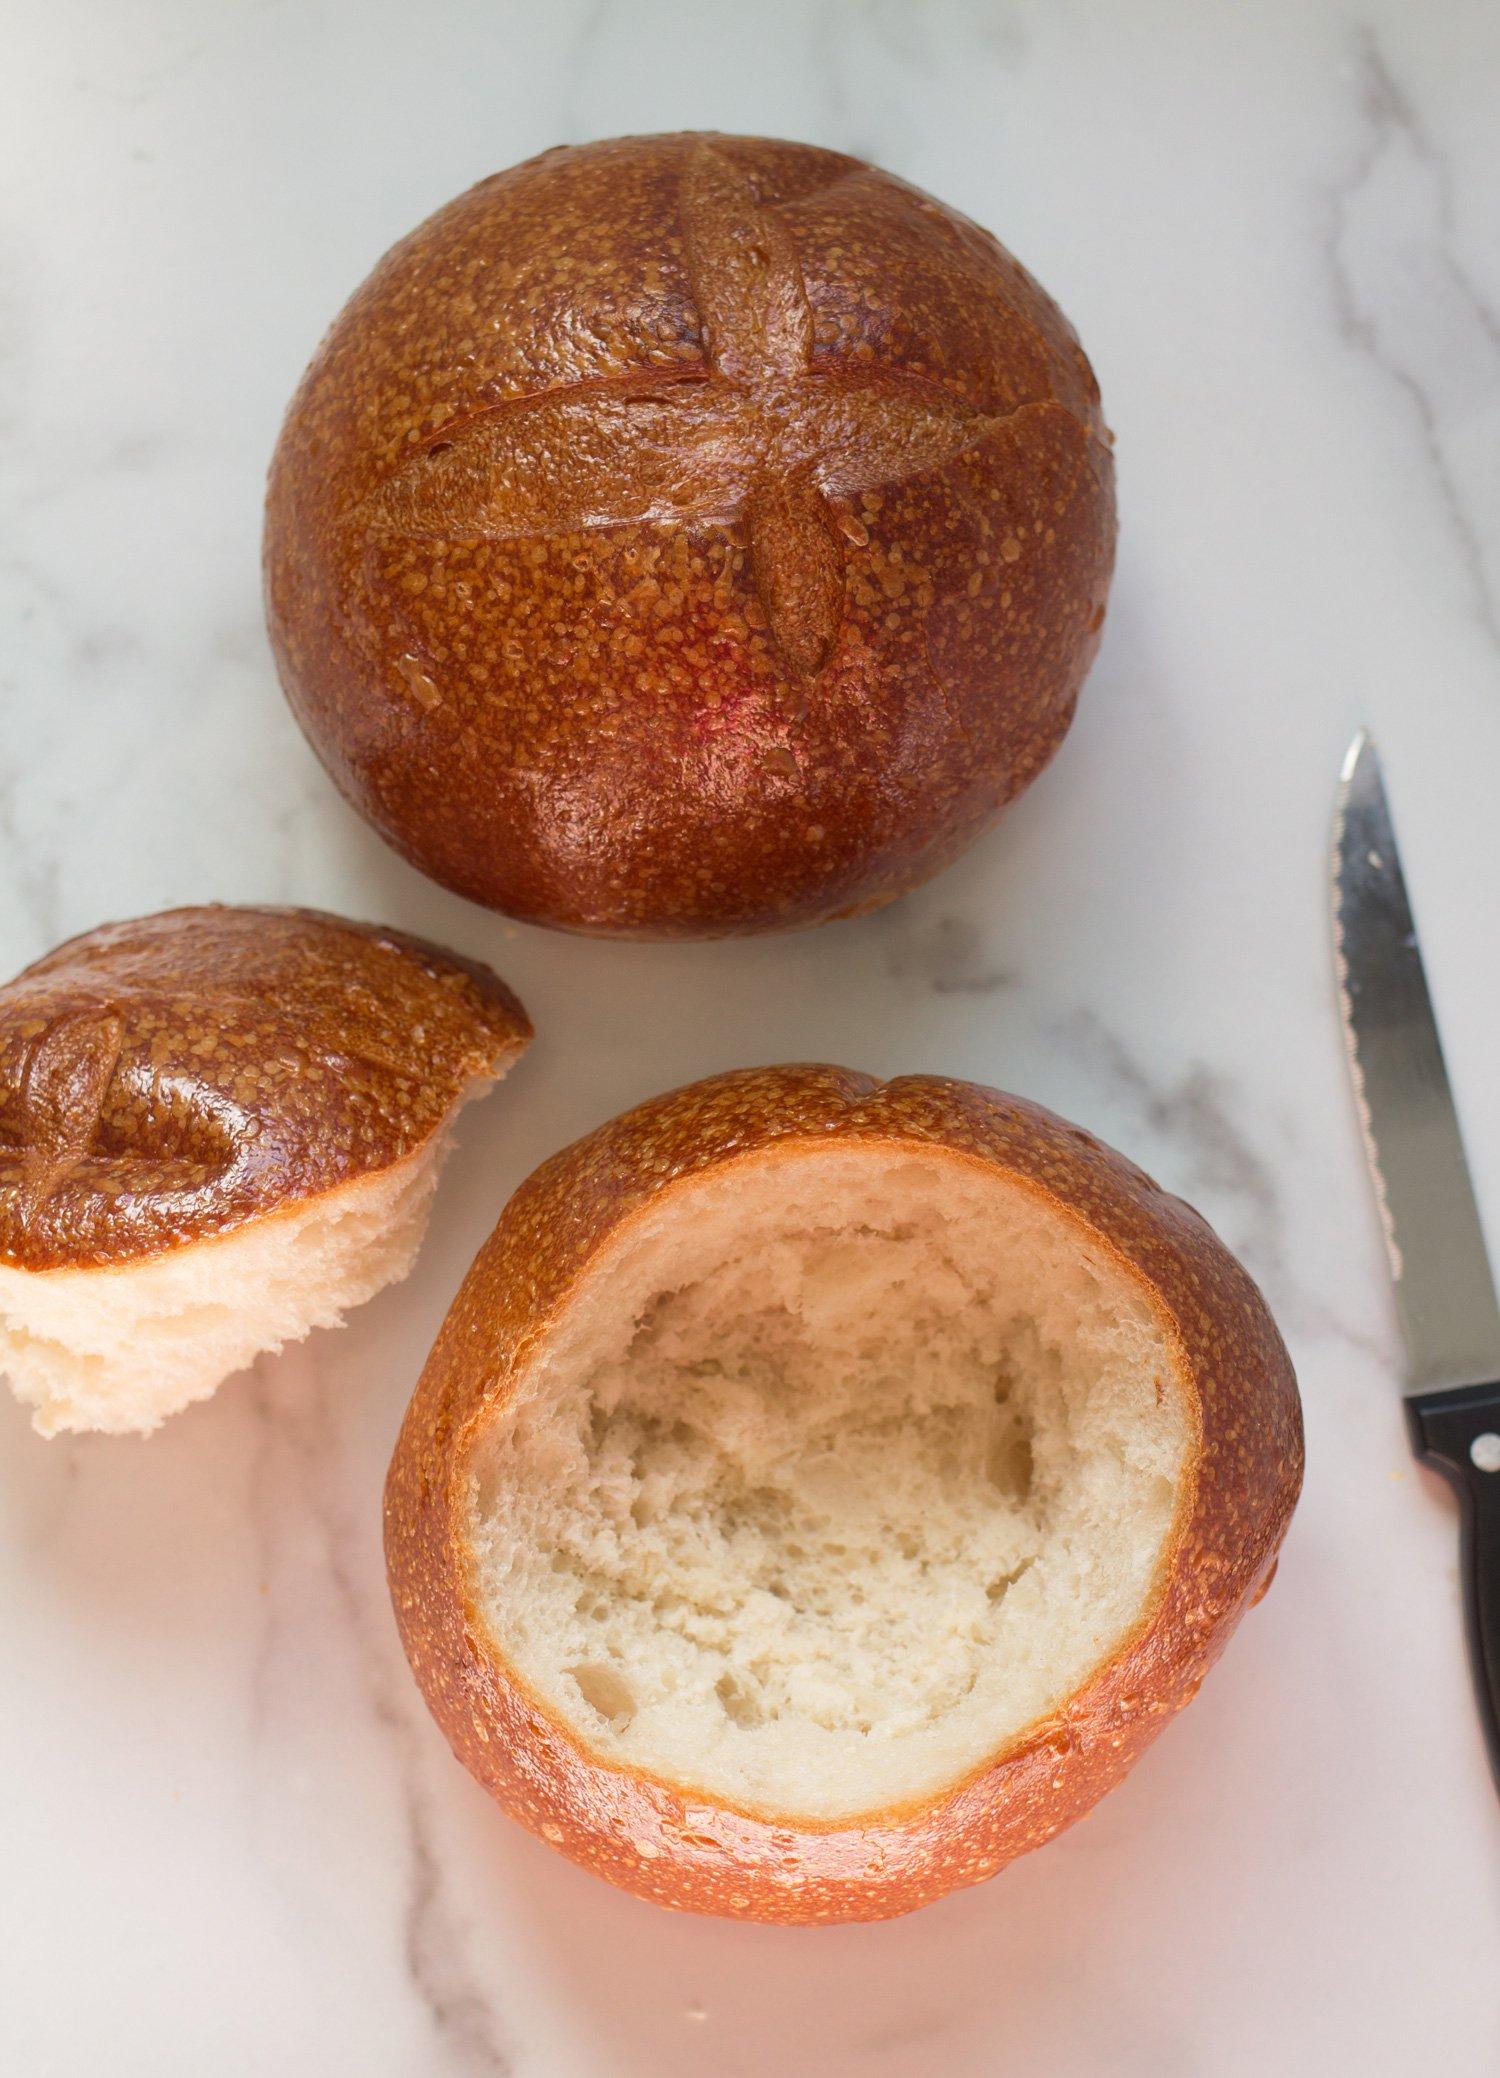 Fresh bread bowls